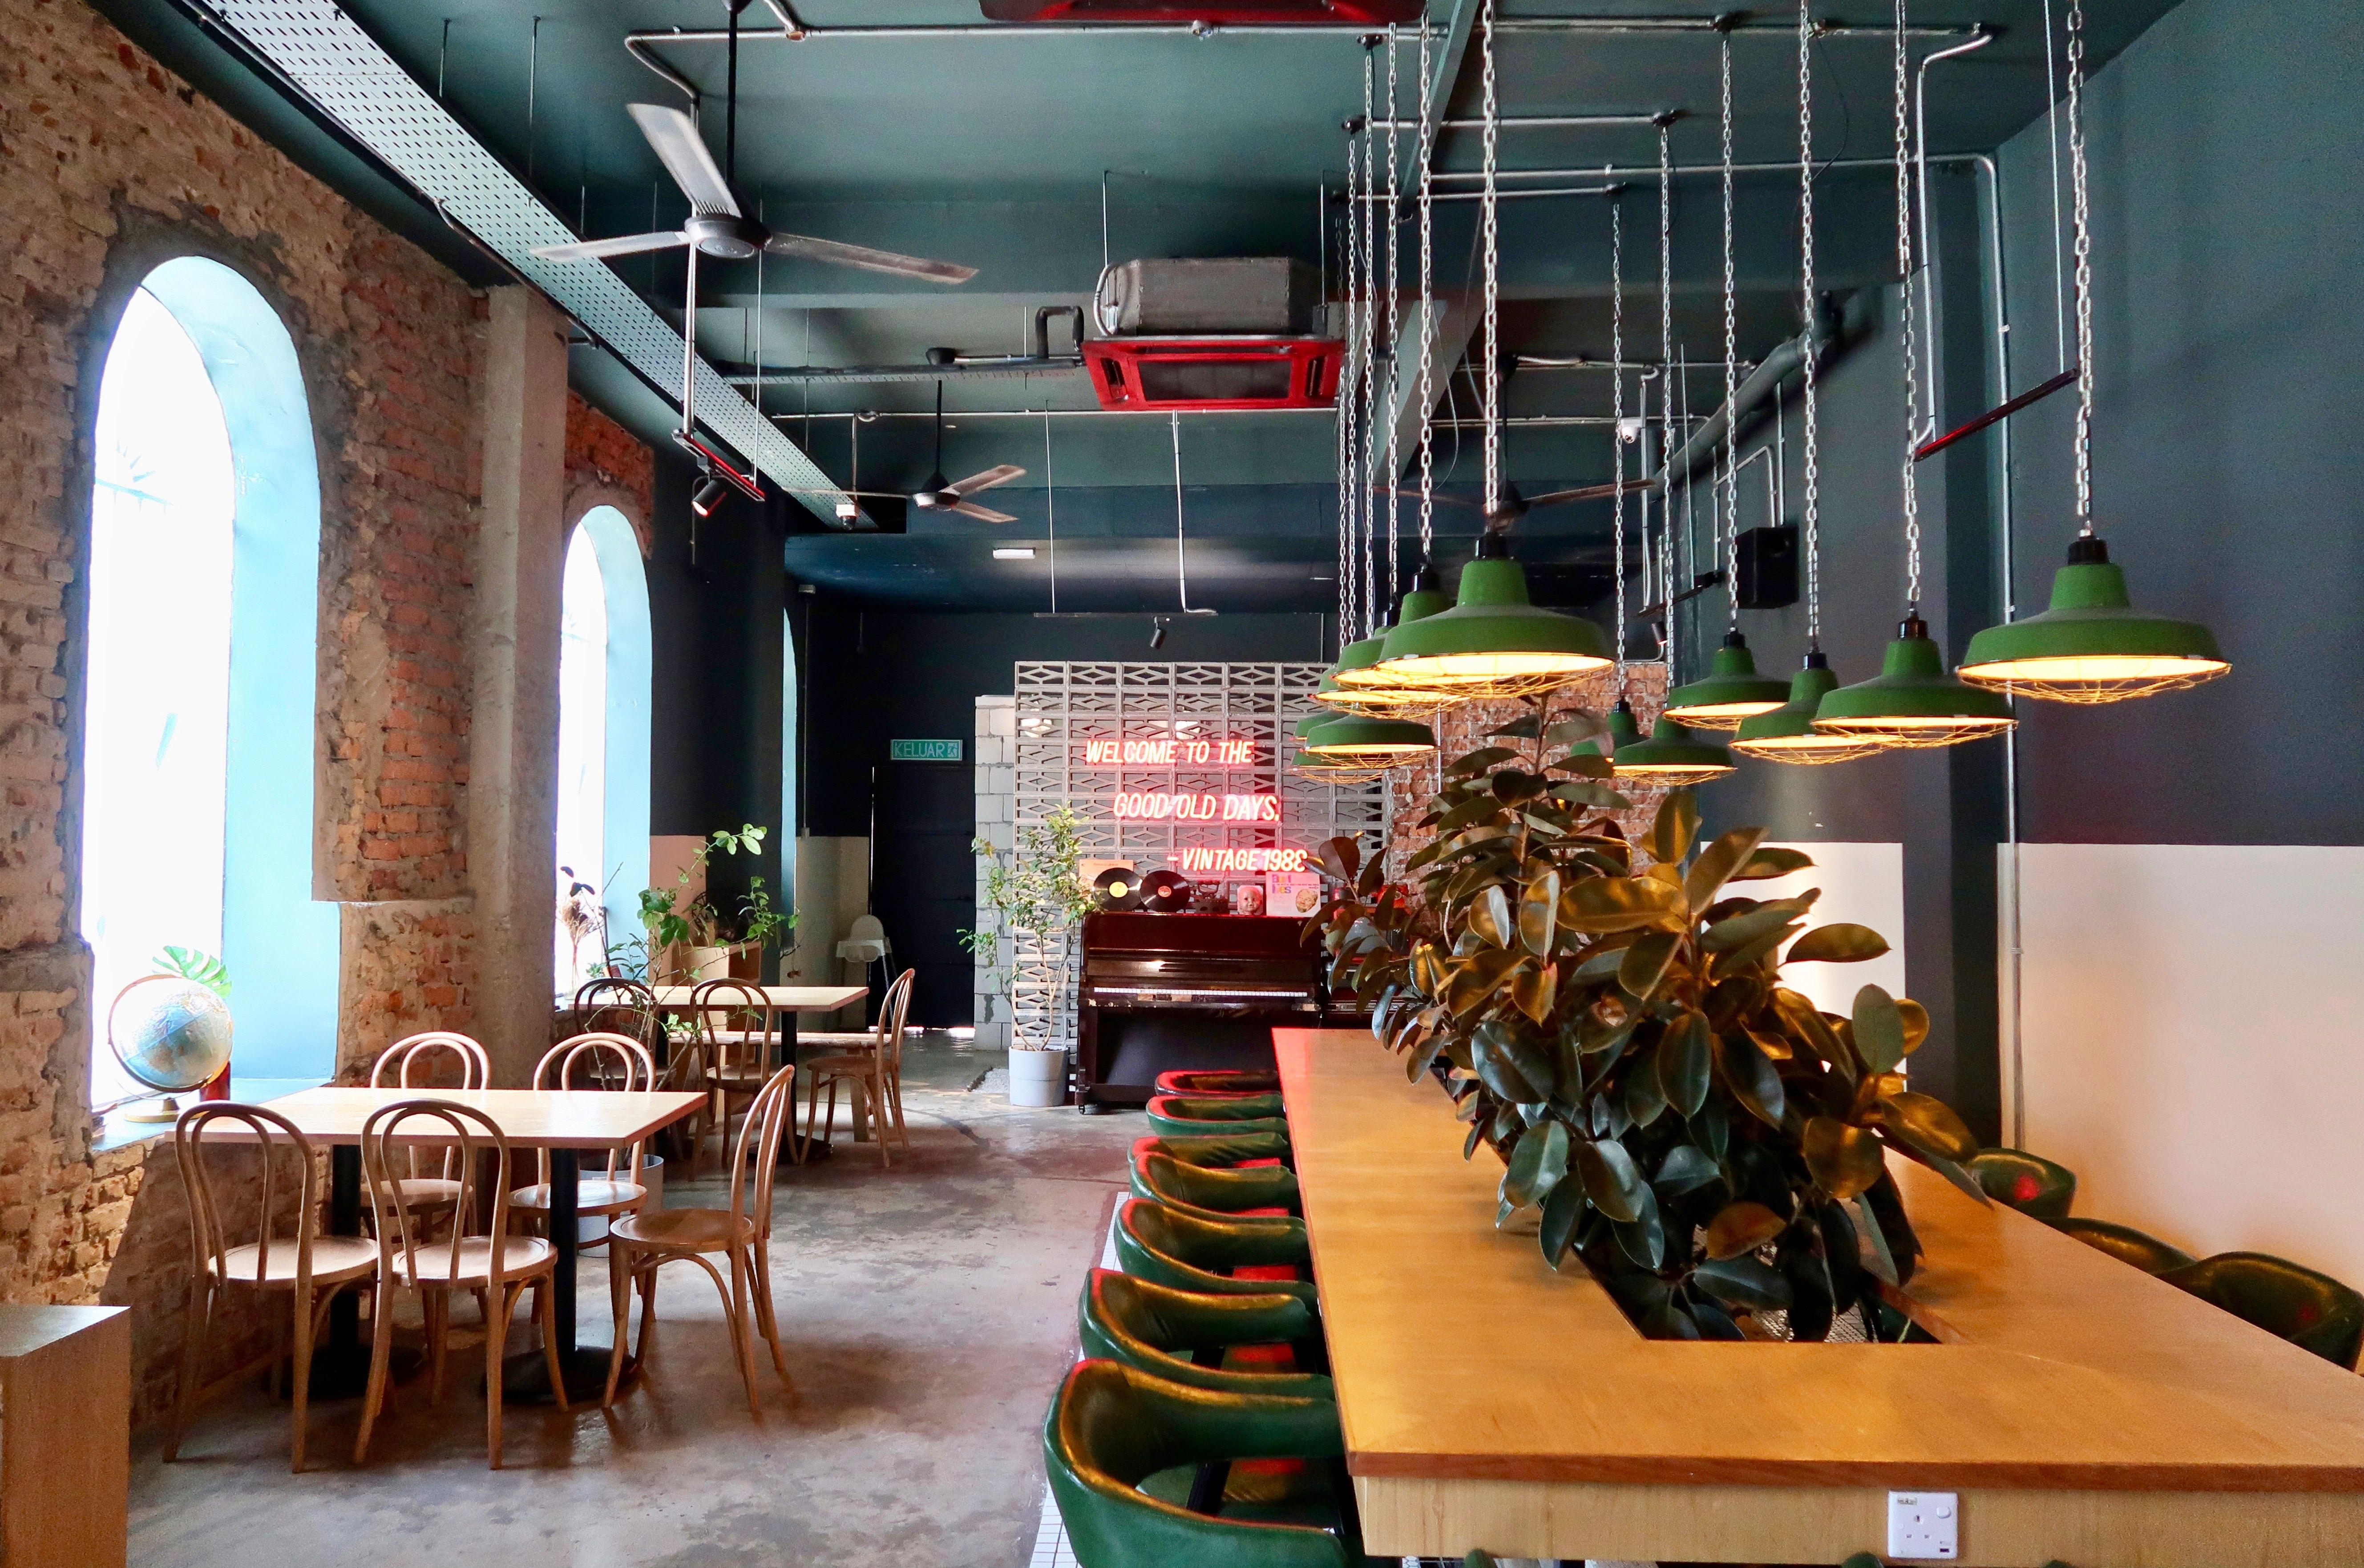 Vintage 1988 Cafe Kl Pink Neon Lights Cafe Cozy Space